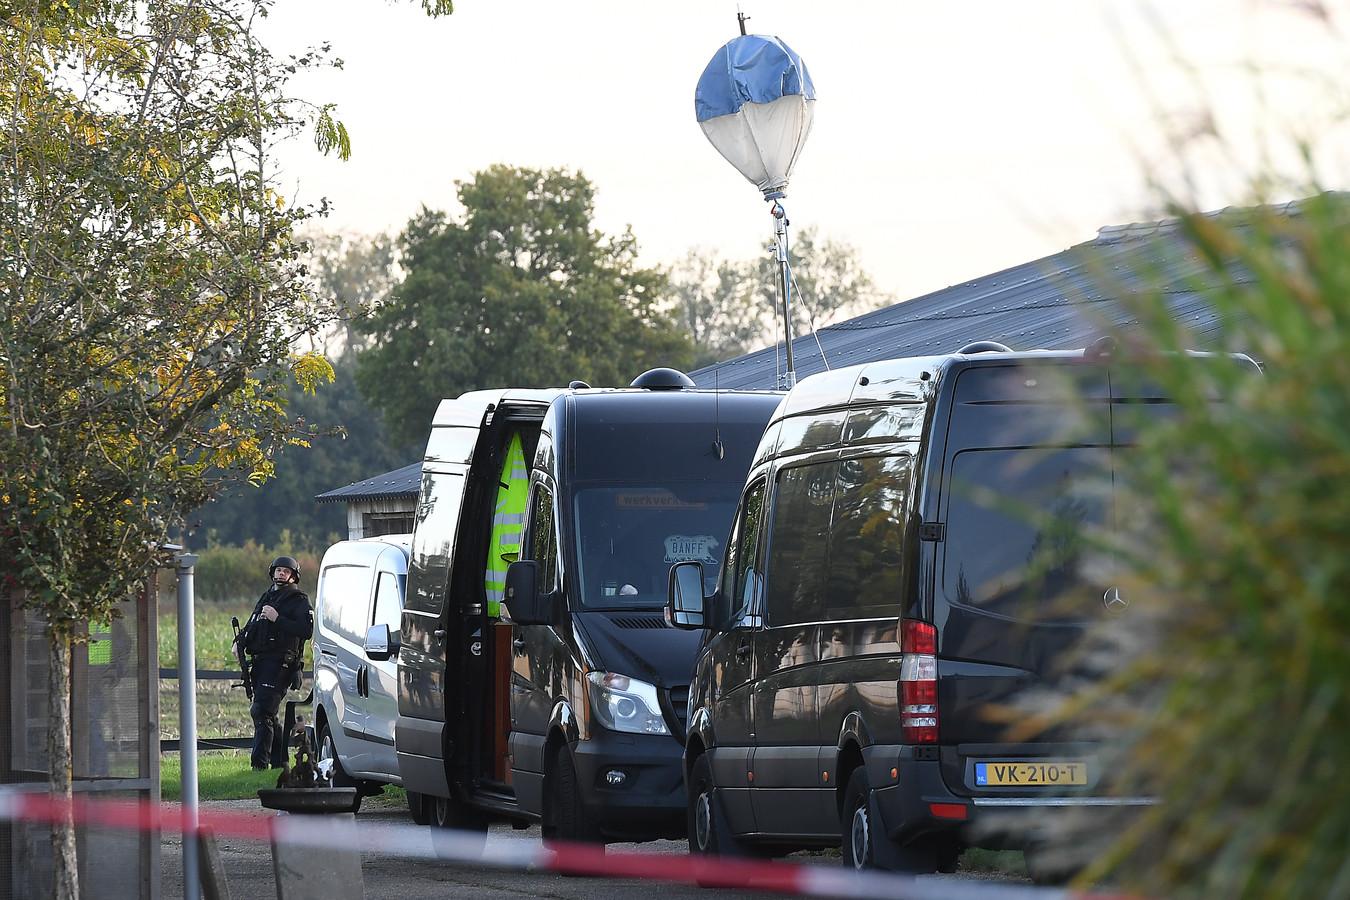 Gisteren is een drugslab ontdekt in een schuur aan de Roijendijk Mill. Vandaag doet de politie onderzoek en wordt het ontmanteld. Zwaar bewapende agenten hebben de toegang afgesloten.